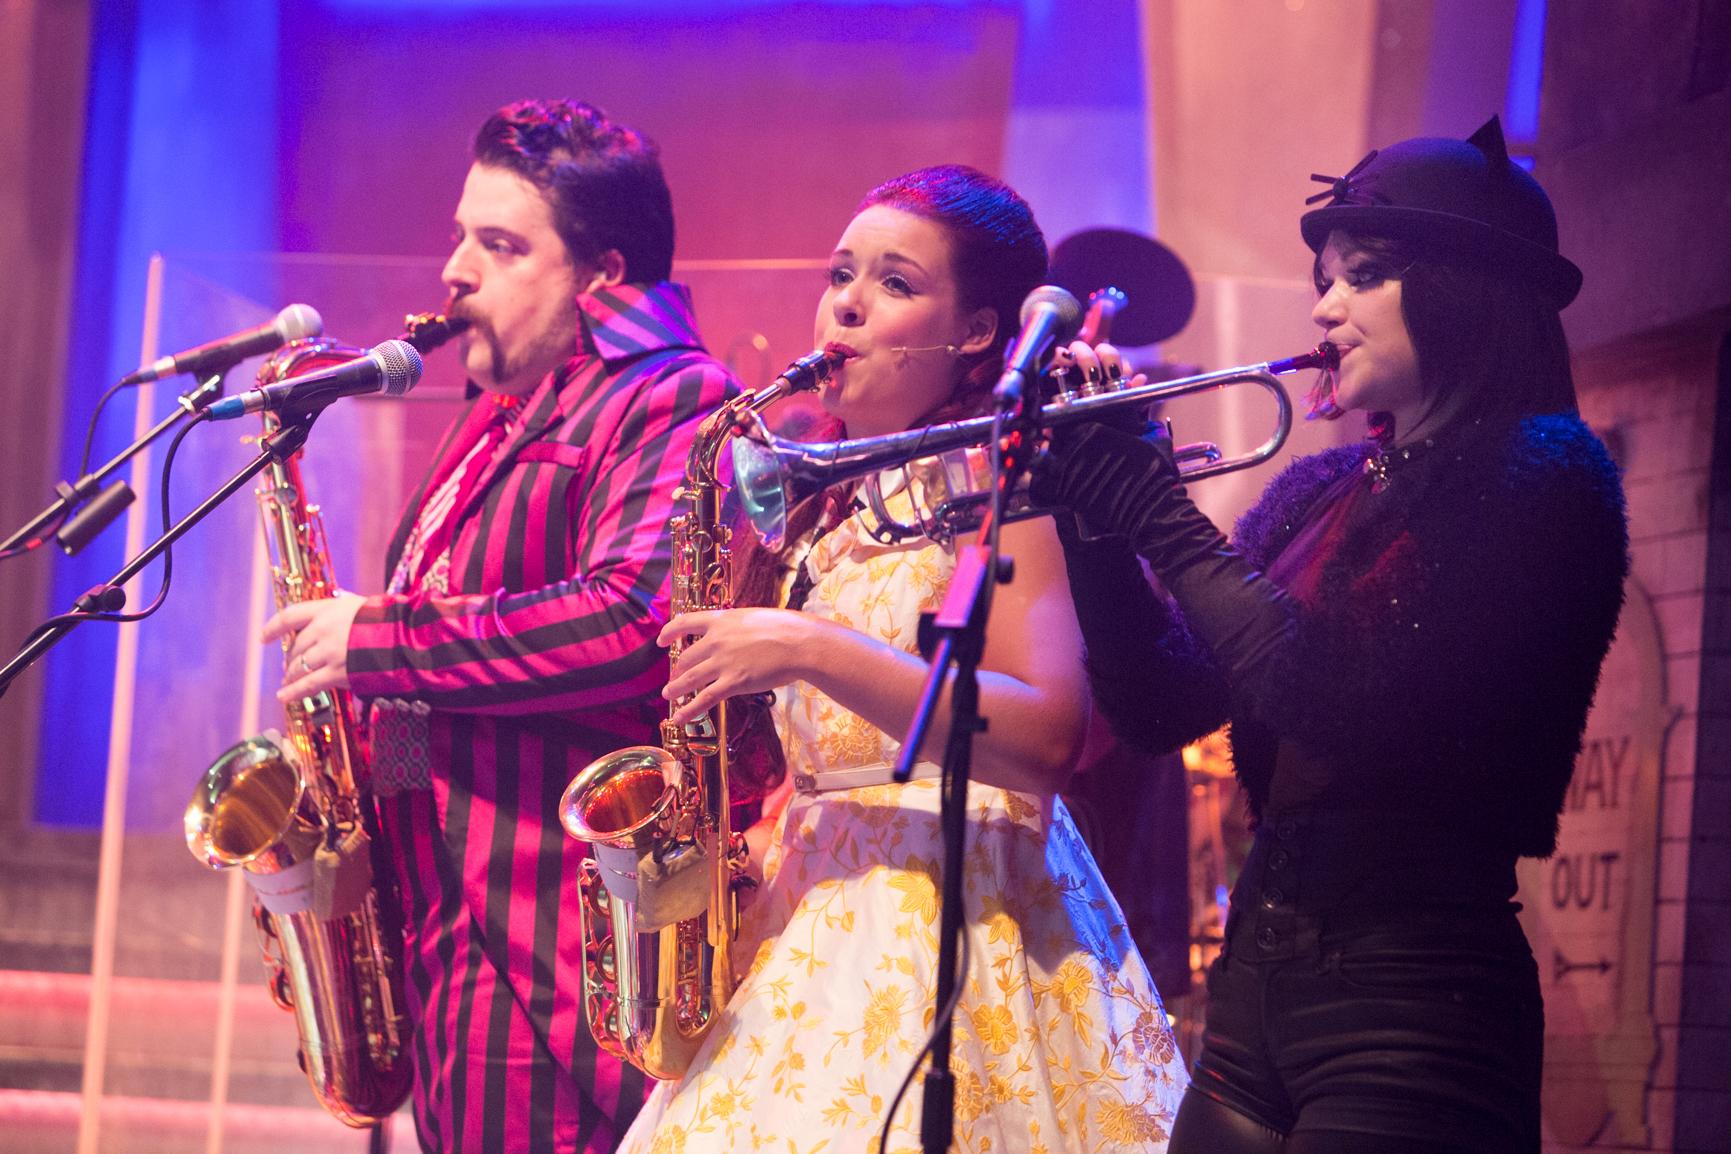 L-R Jofre Alsina, Nicola Hawkins, CiCi Howells